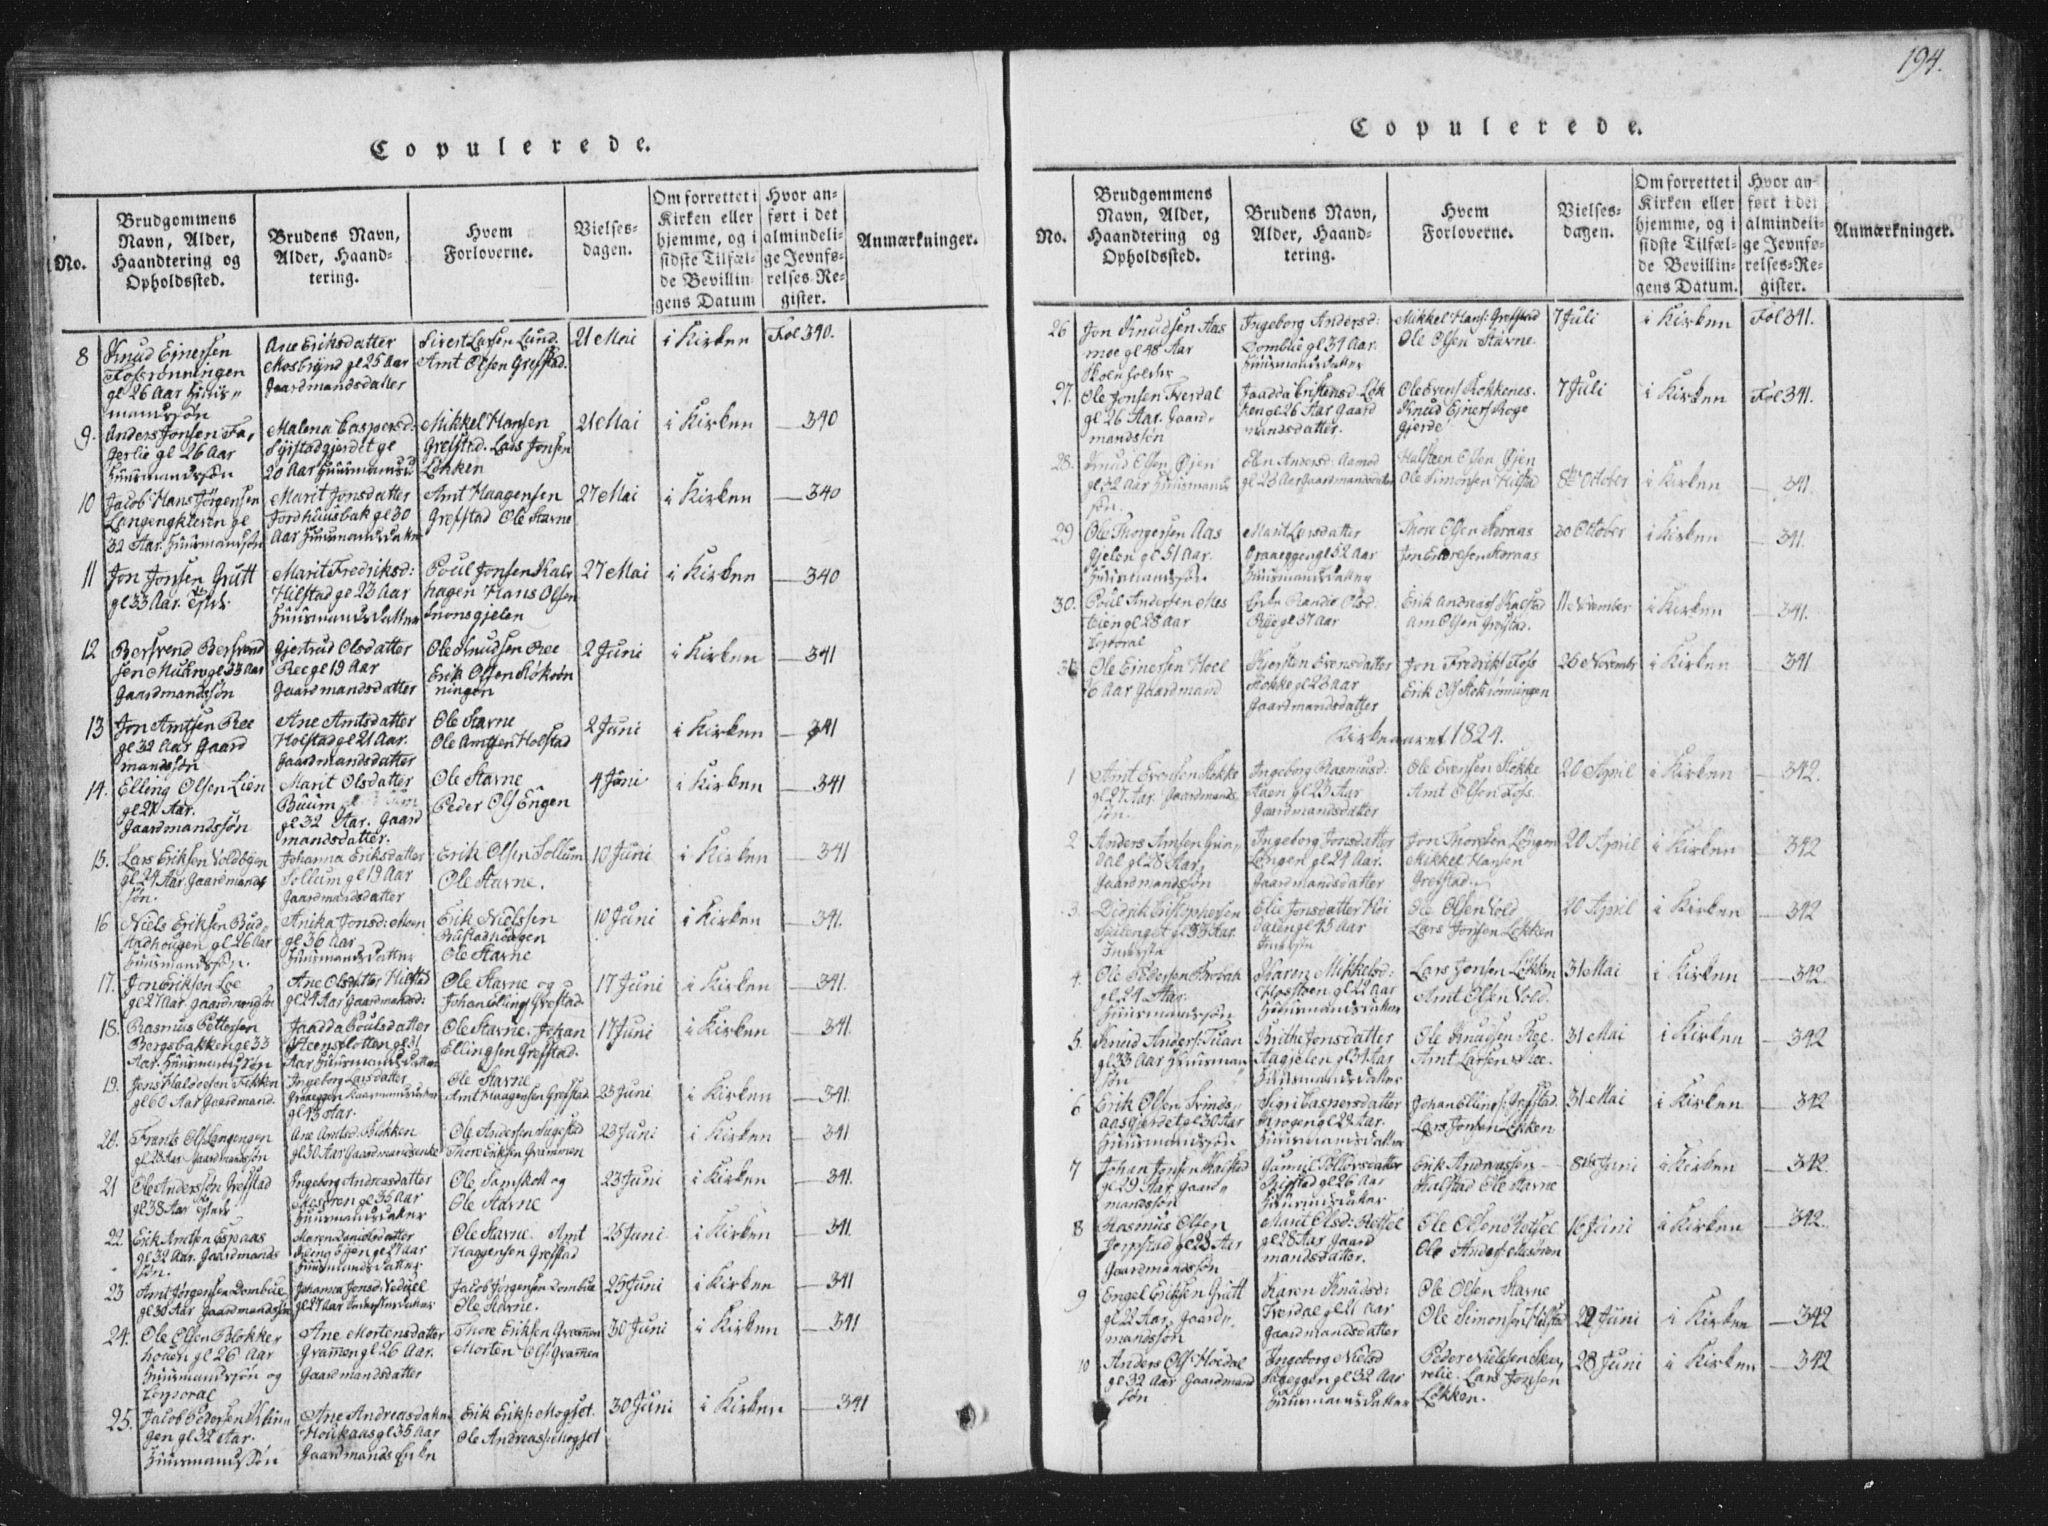 SAT, Ministerialprotokoller, klokkerbøker og fødselsregistre - Sør-Trøndelag, 672/L0862: Klokkerbok nr. 672C01, 1816-1831, s. 194